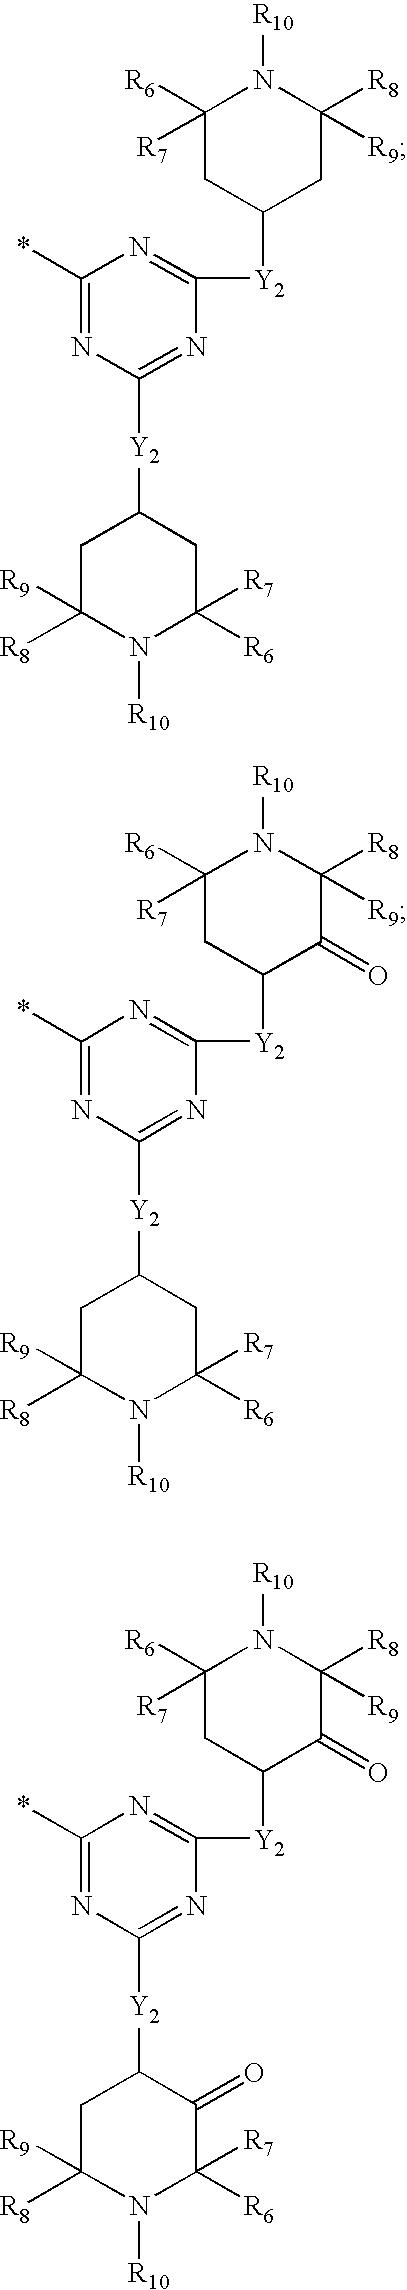 Figure US20040143041A1-20040722-C00020